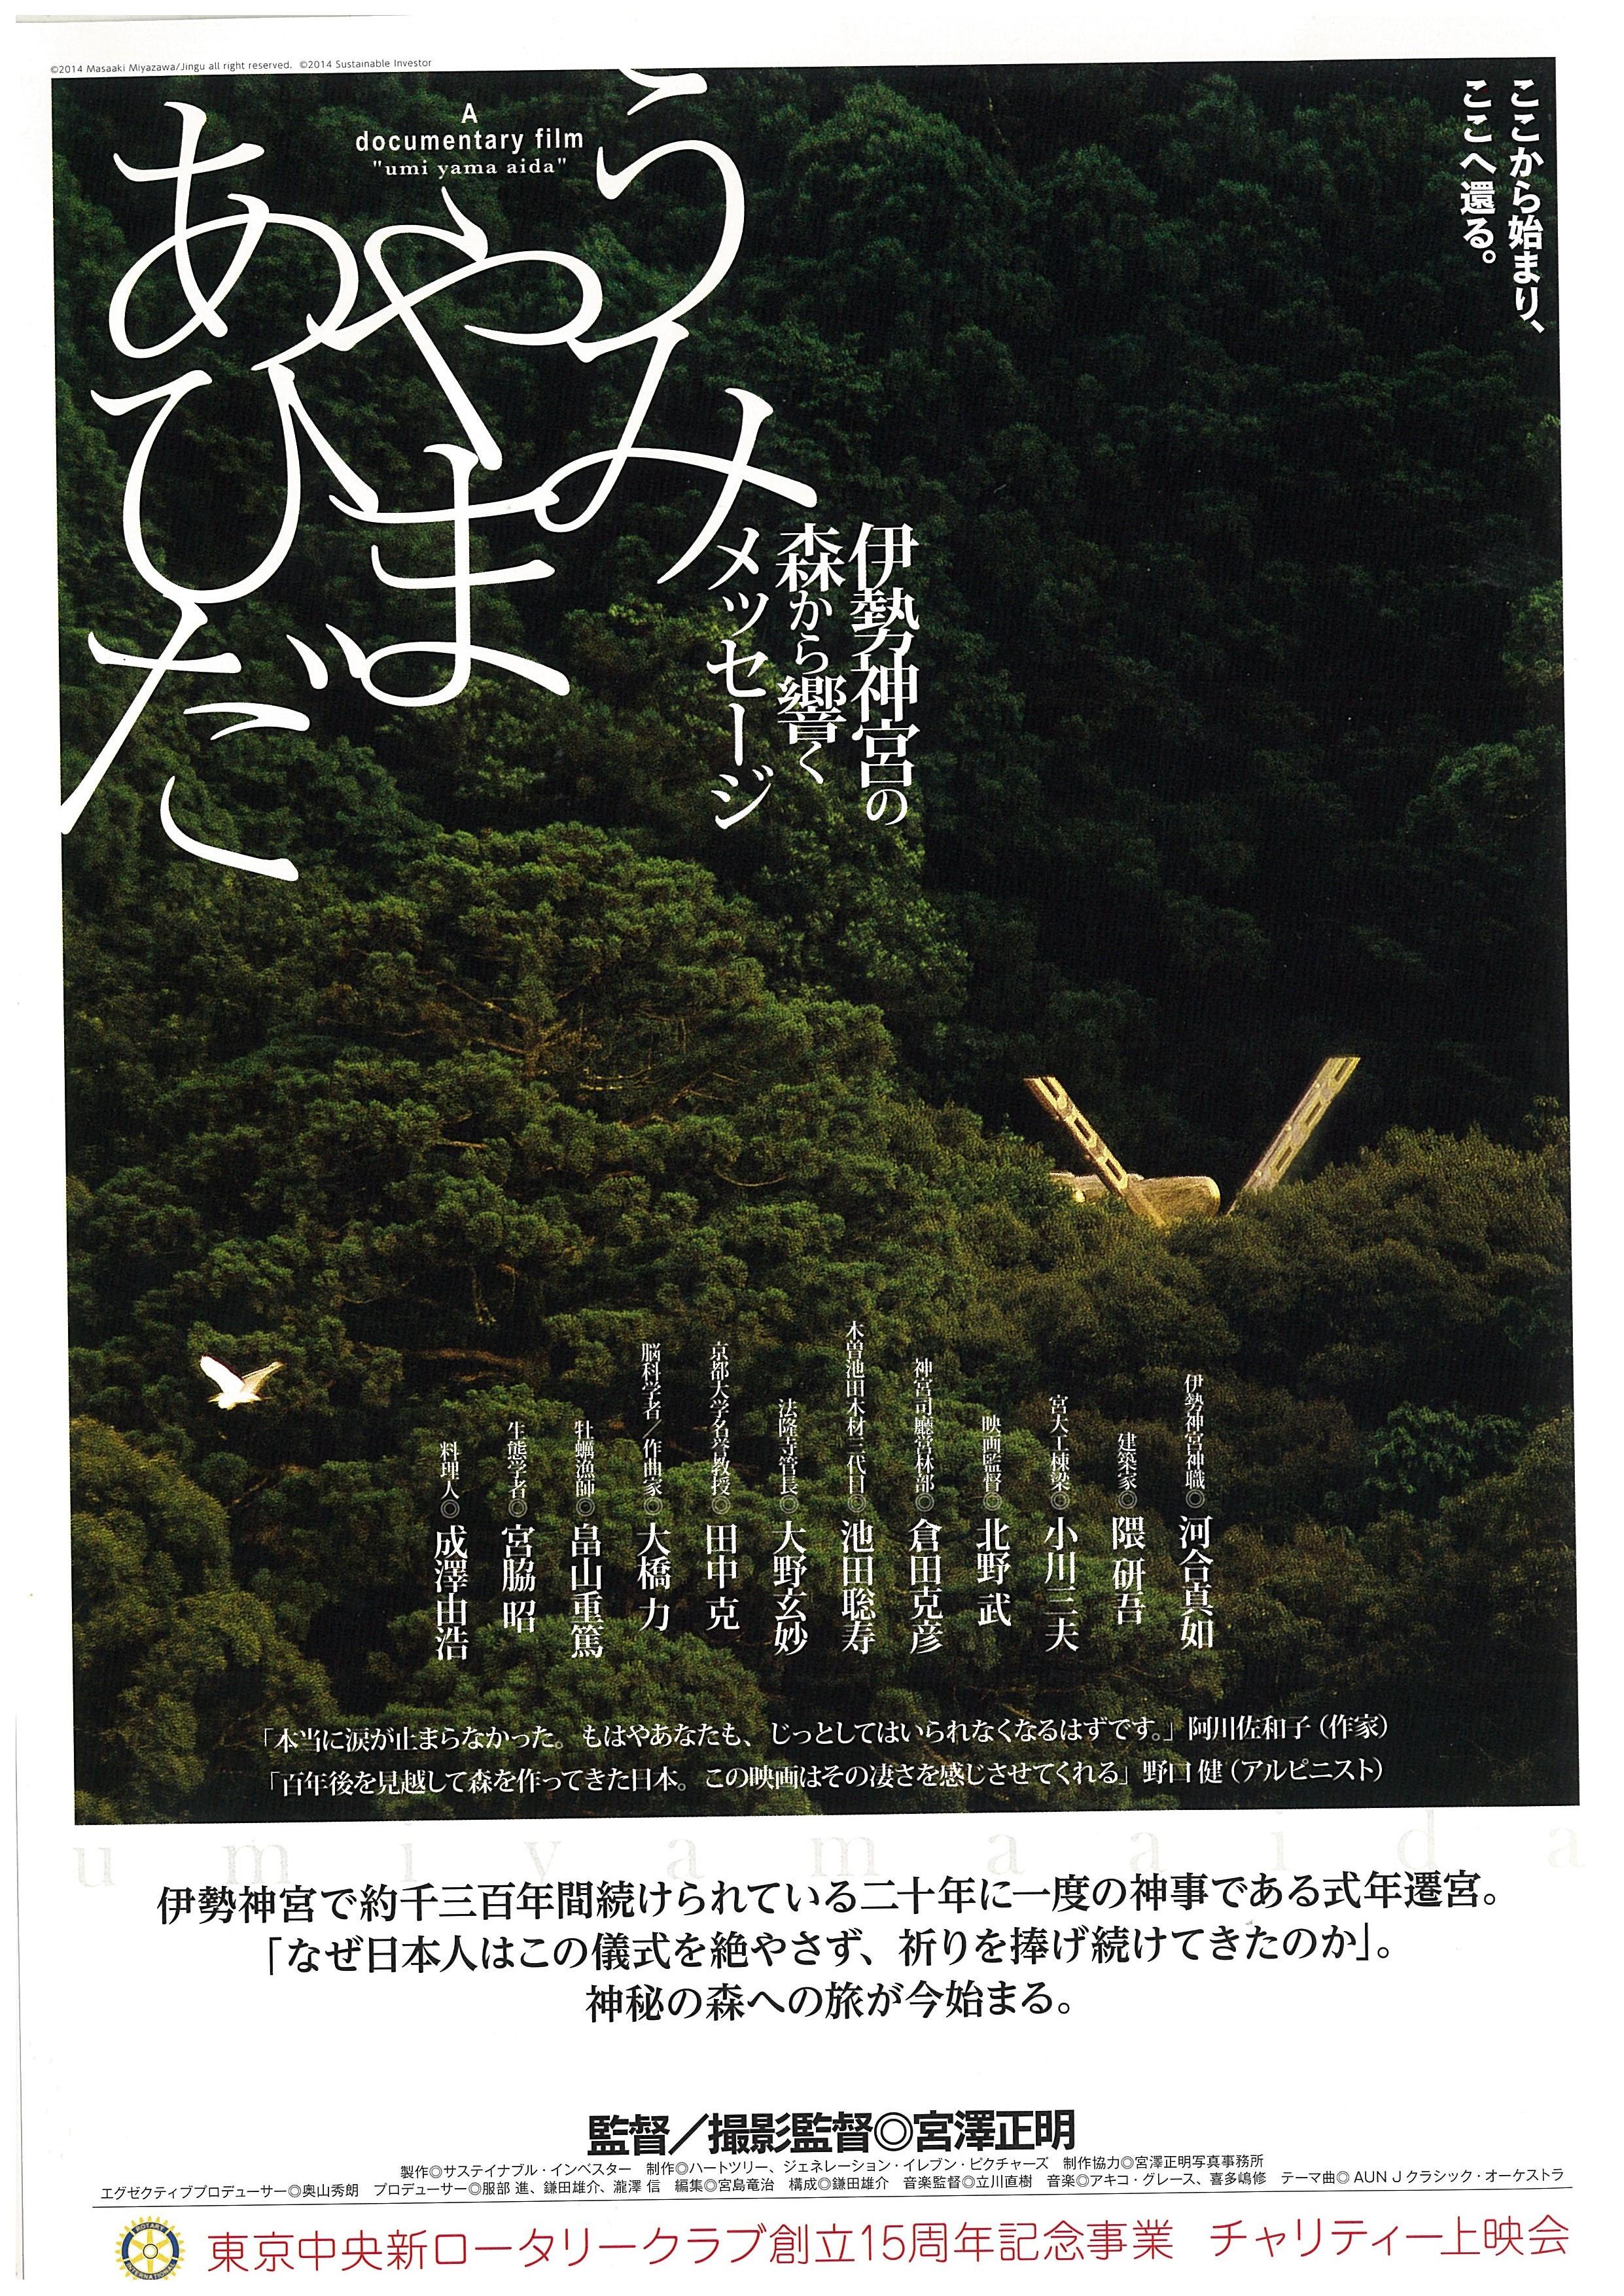 東京中央新ロータリークラブ 創立15周年記念事業・チャリティー上映会